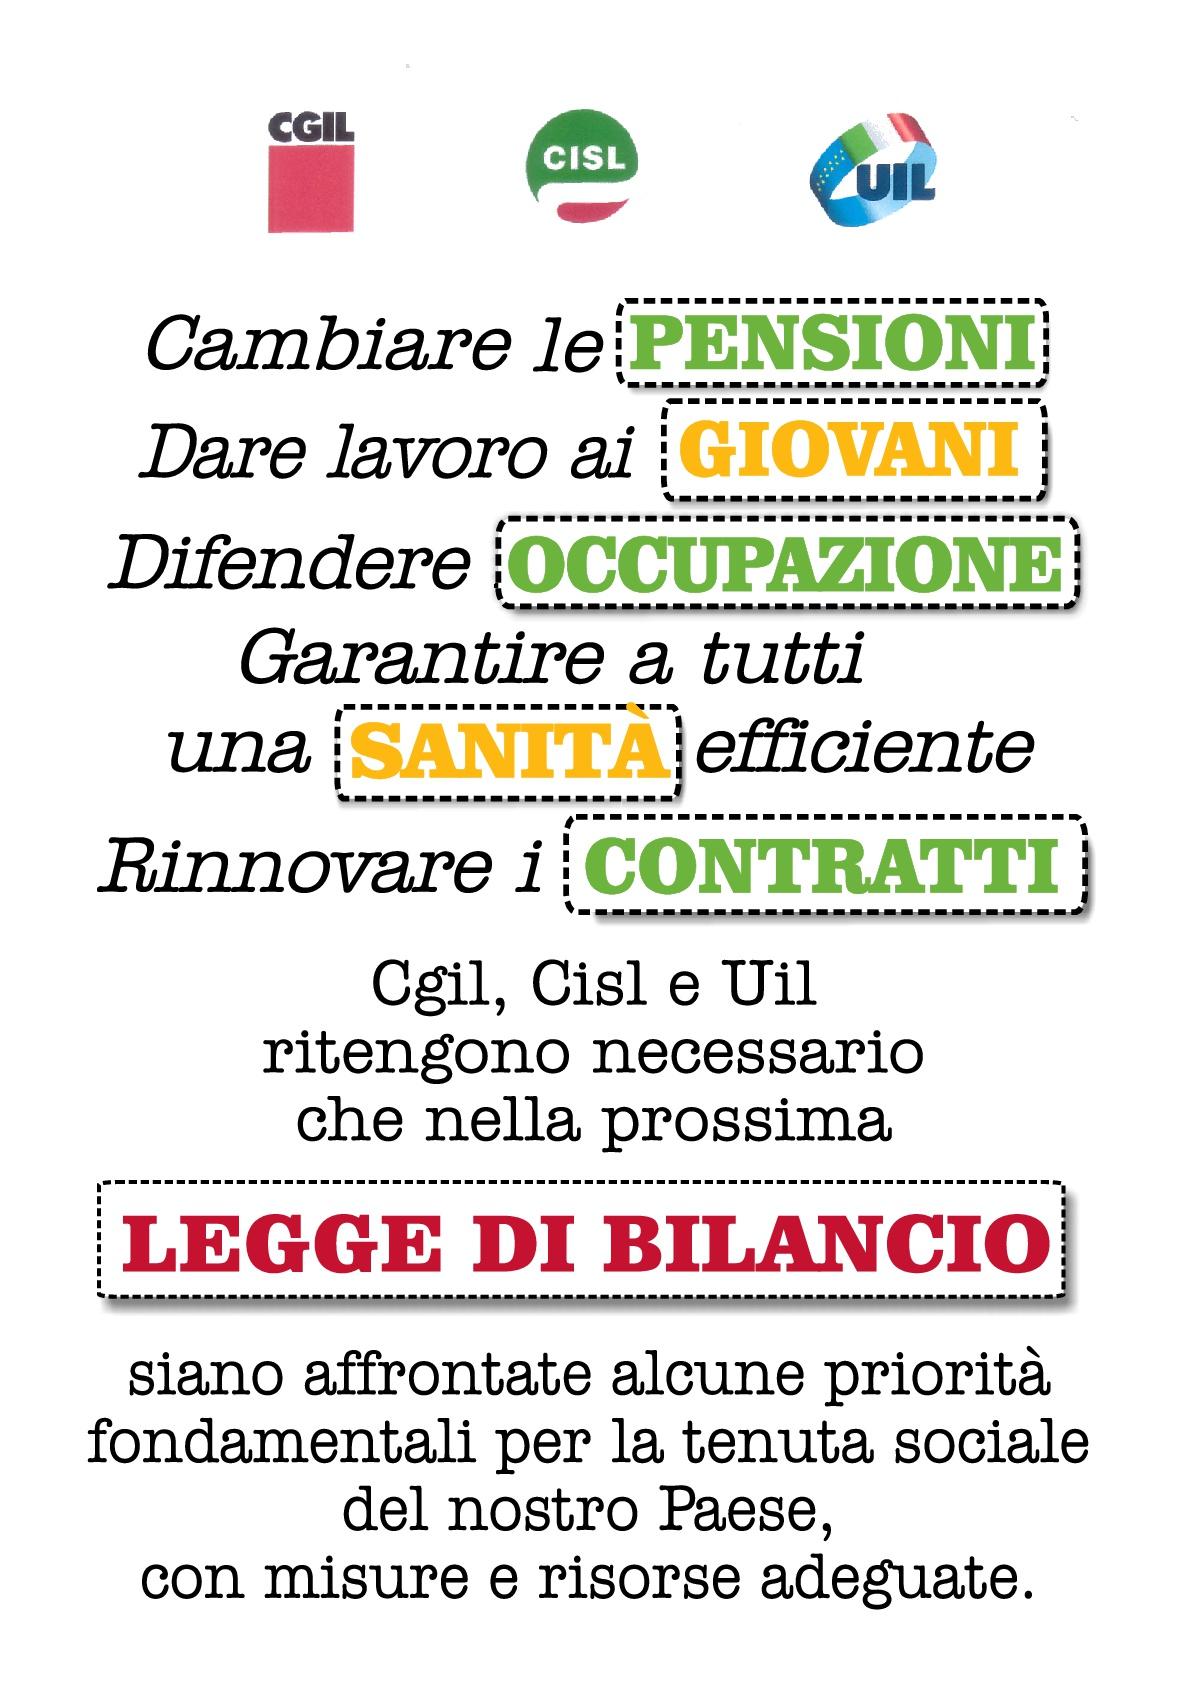 Allegato1_volantino-CGIL-CISL-UIL-LEGGE-DI-BILANCIO-2-001